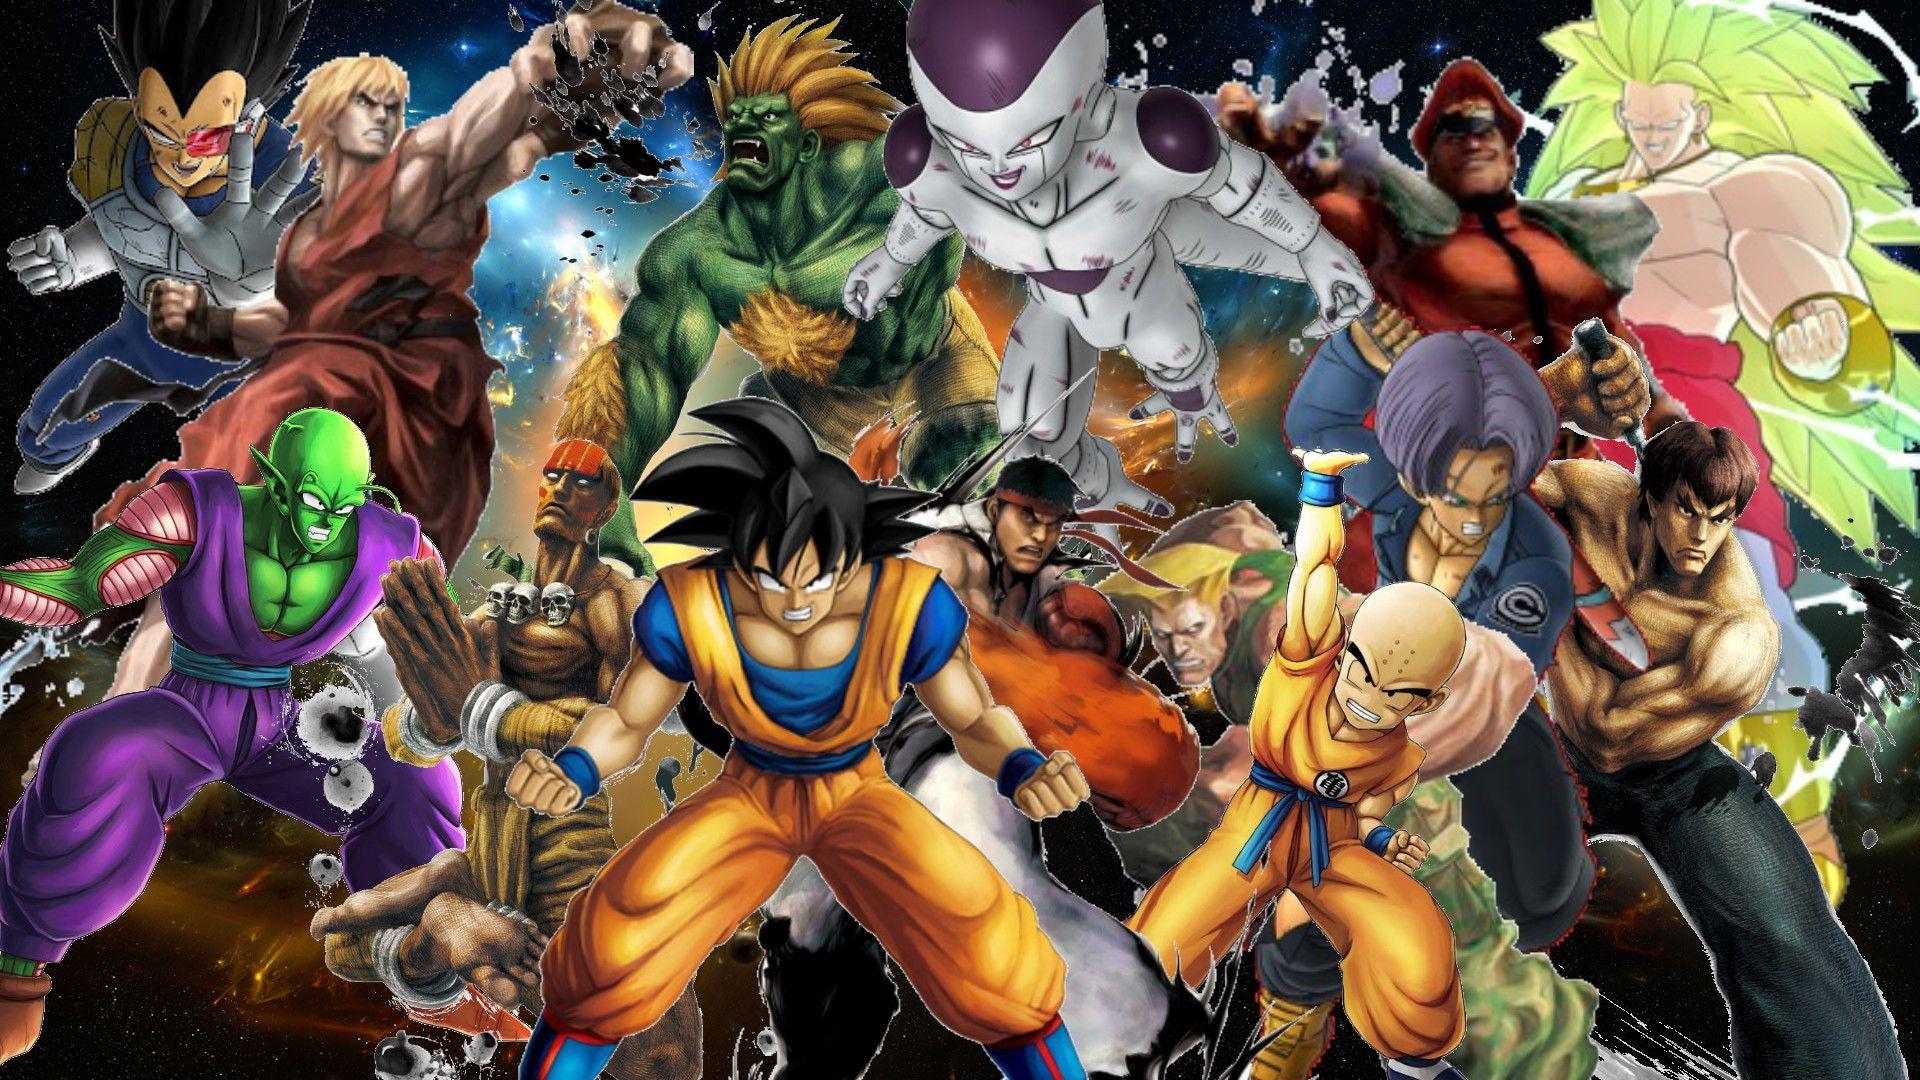 Dragon Ball Z Wallpaper Wallpapersafari